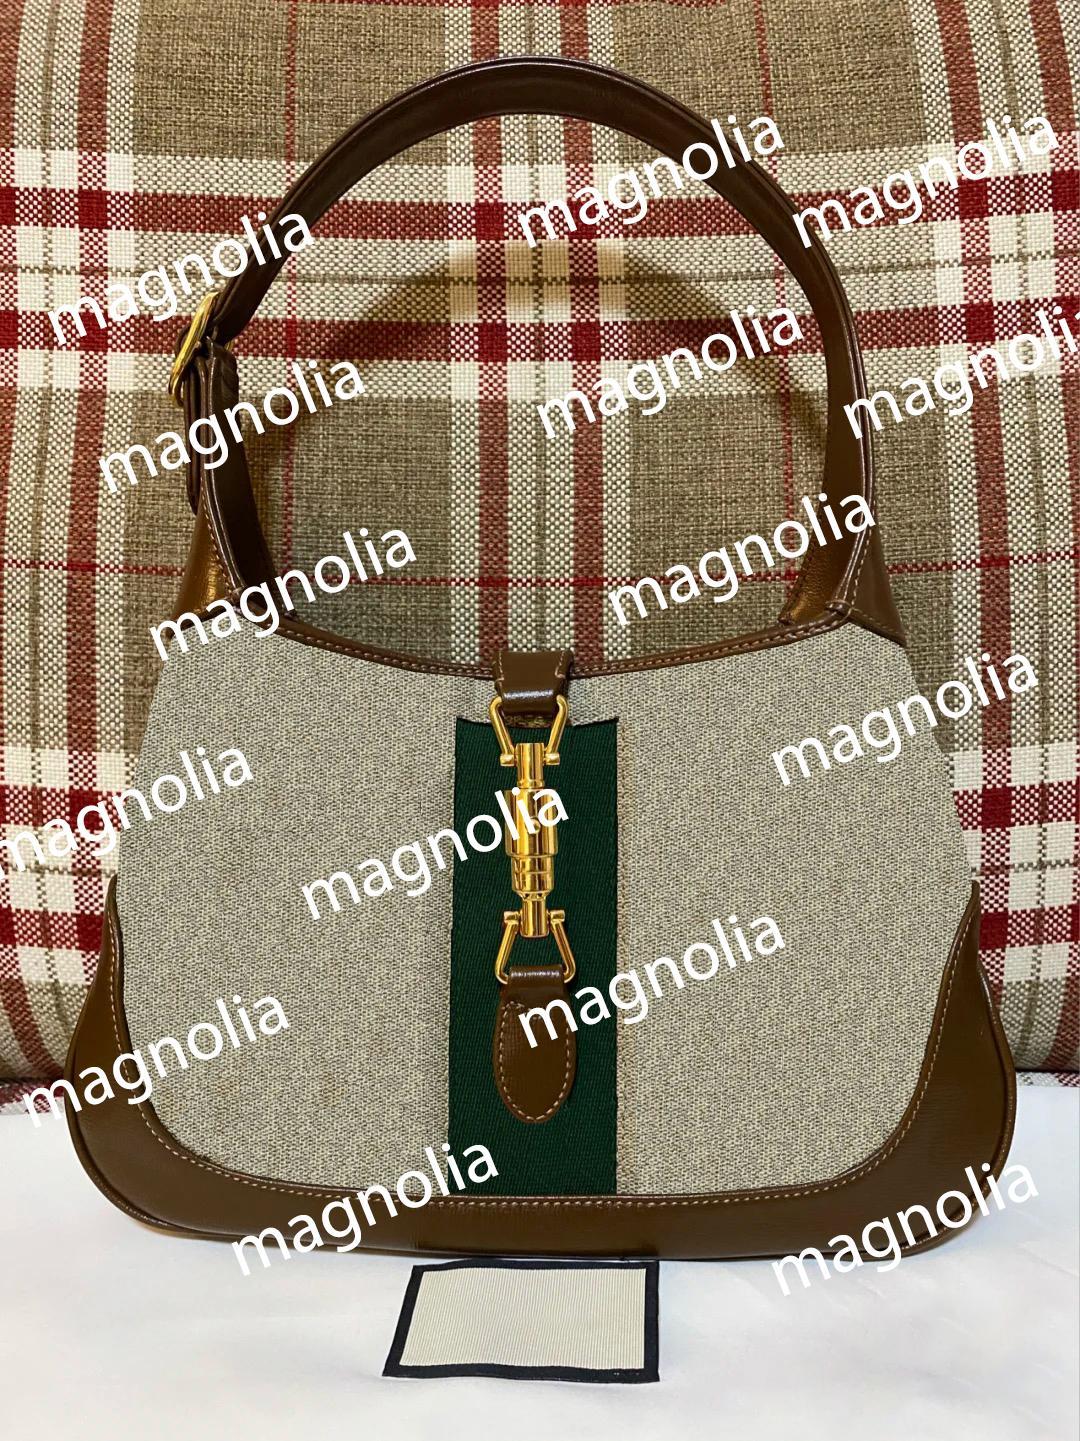 Femmes Designer Sac à main sac à bandoulière multiple couleurs texturée rétro classique vintage